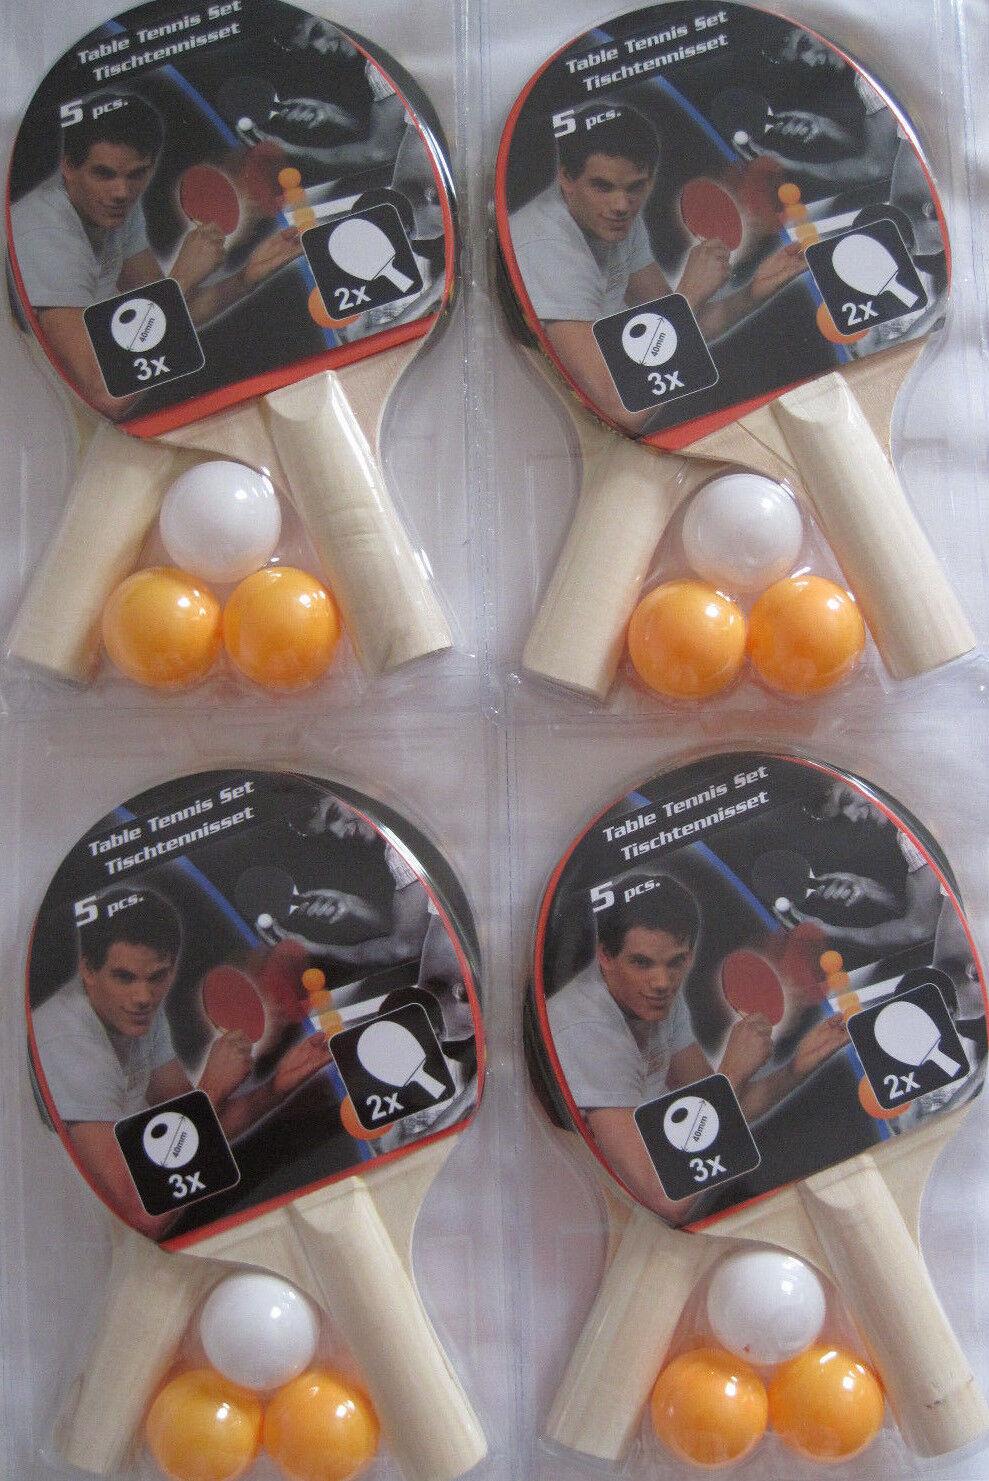 Großpackung Tischtennisschläger Tischtennis Schläger Set mit Bälle Tisch Tennis